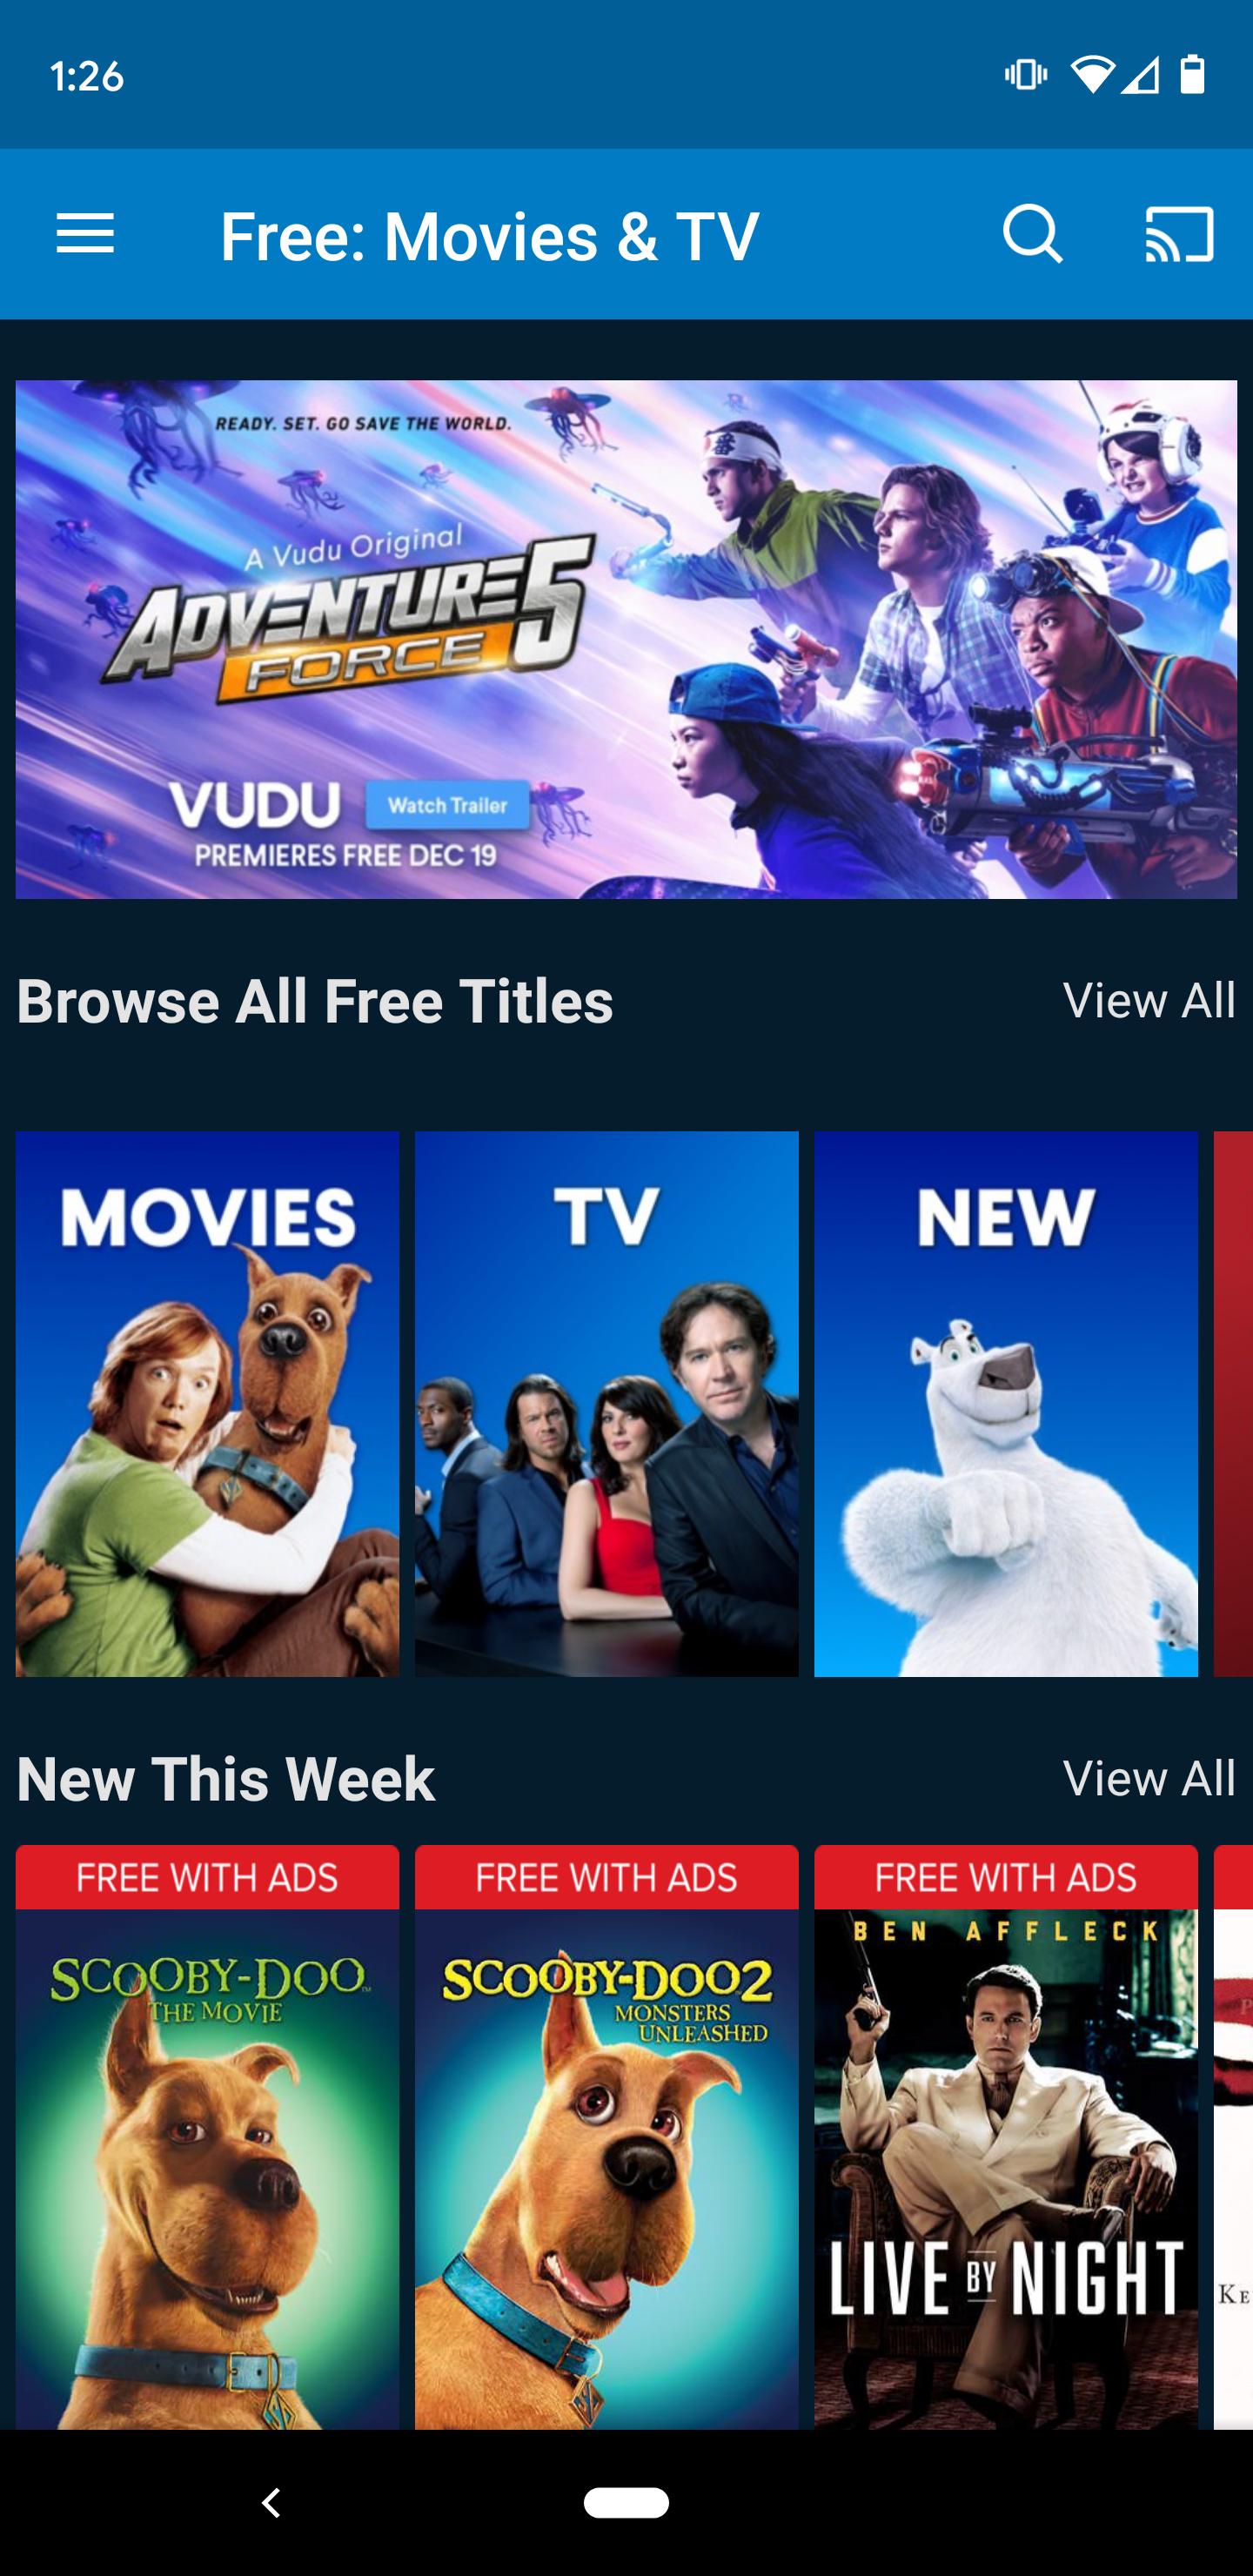 Обзор Vudu: бесплатные потоковые фильмы и телепередачи от Walmart